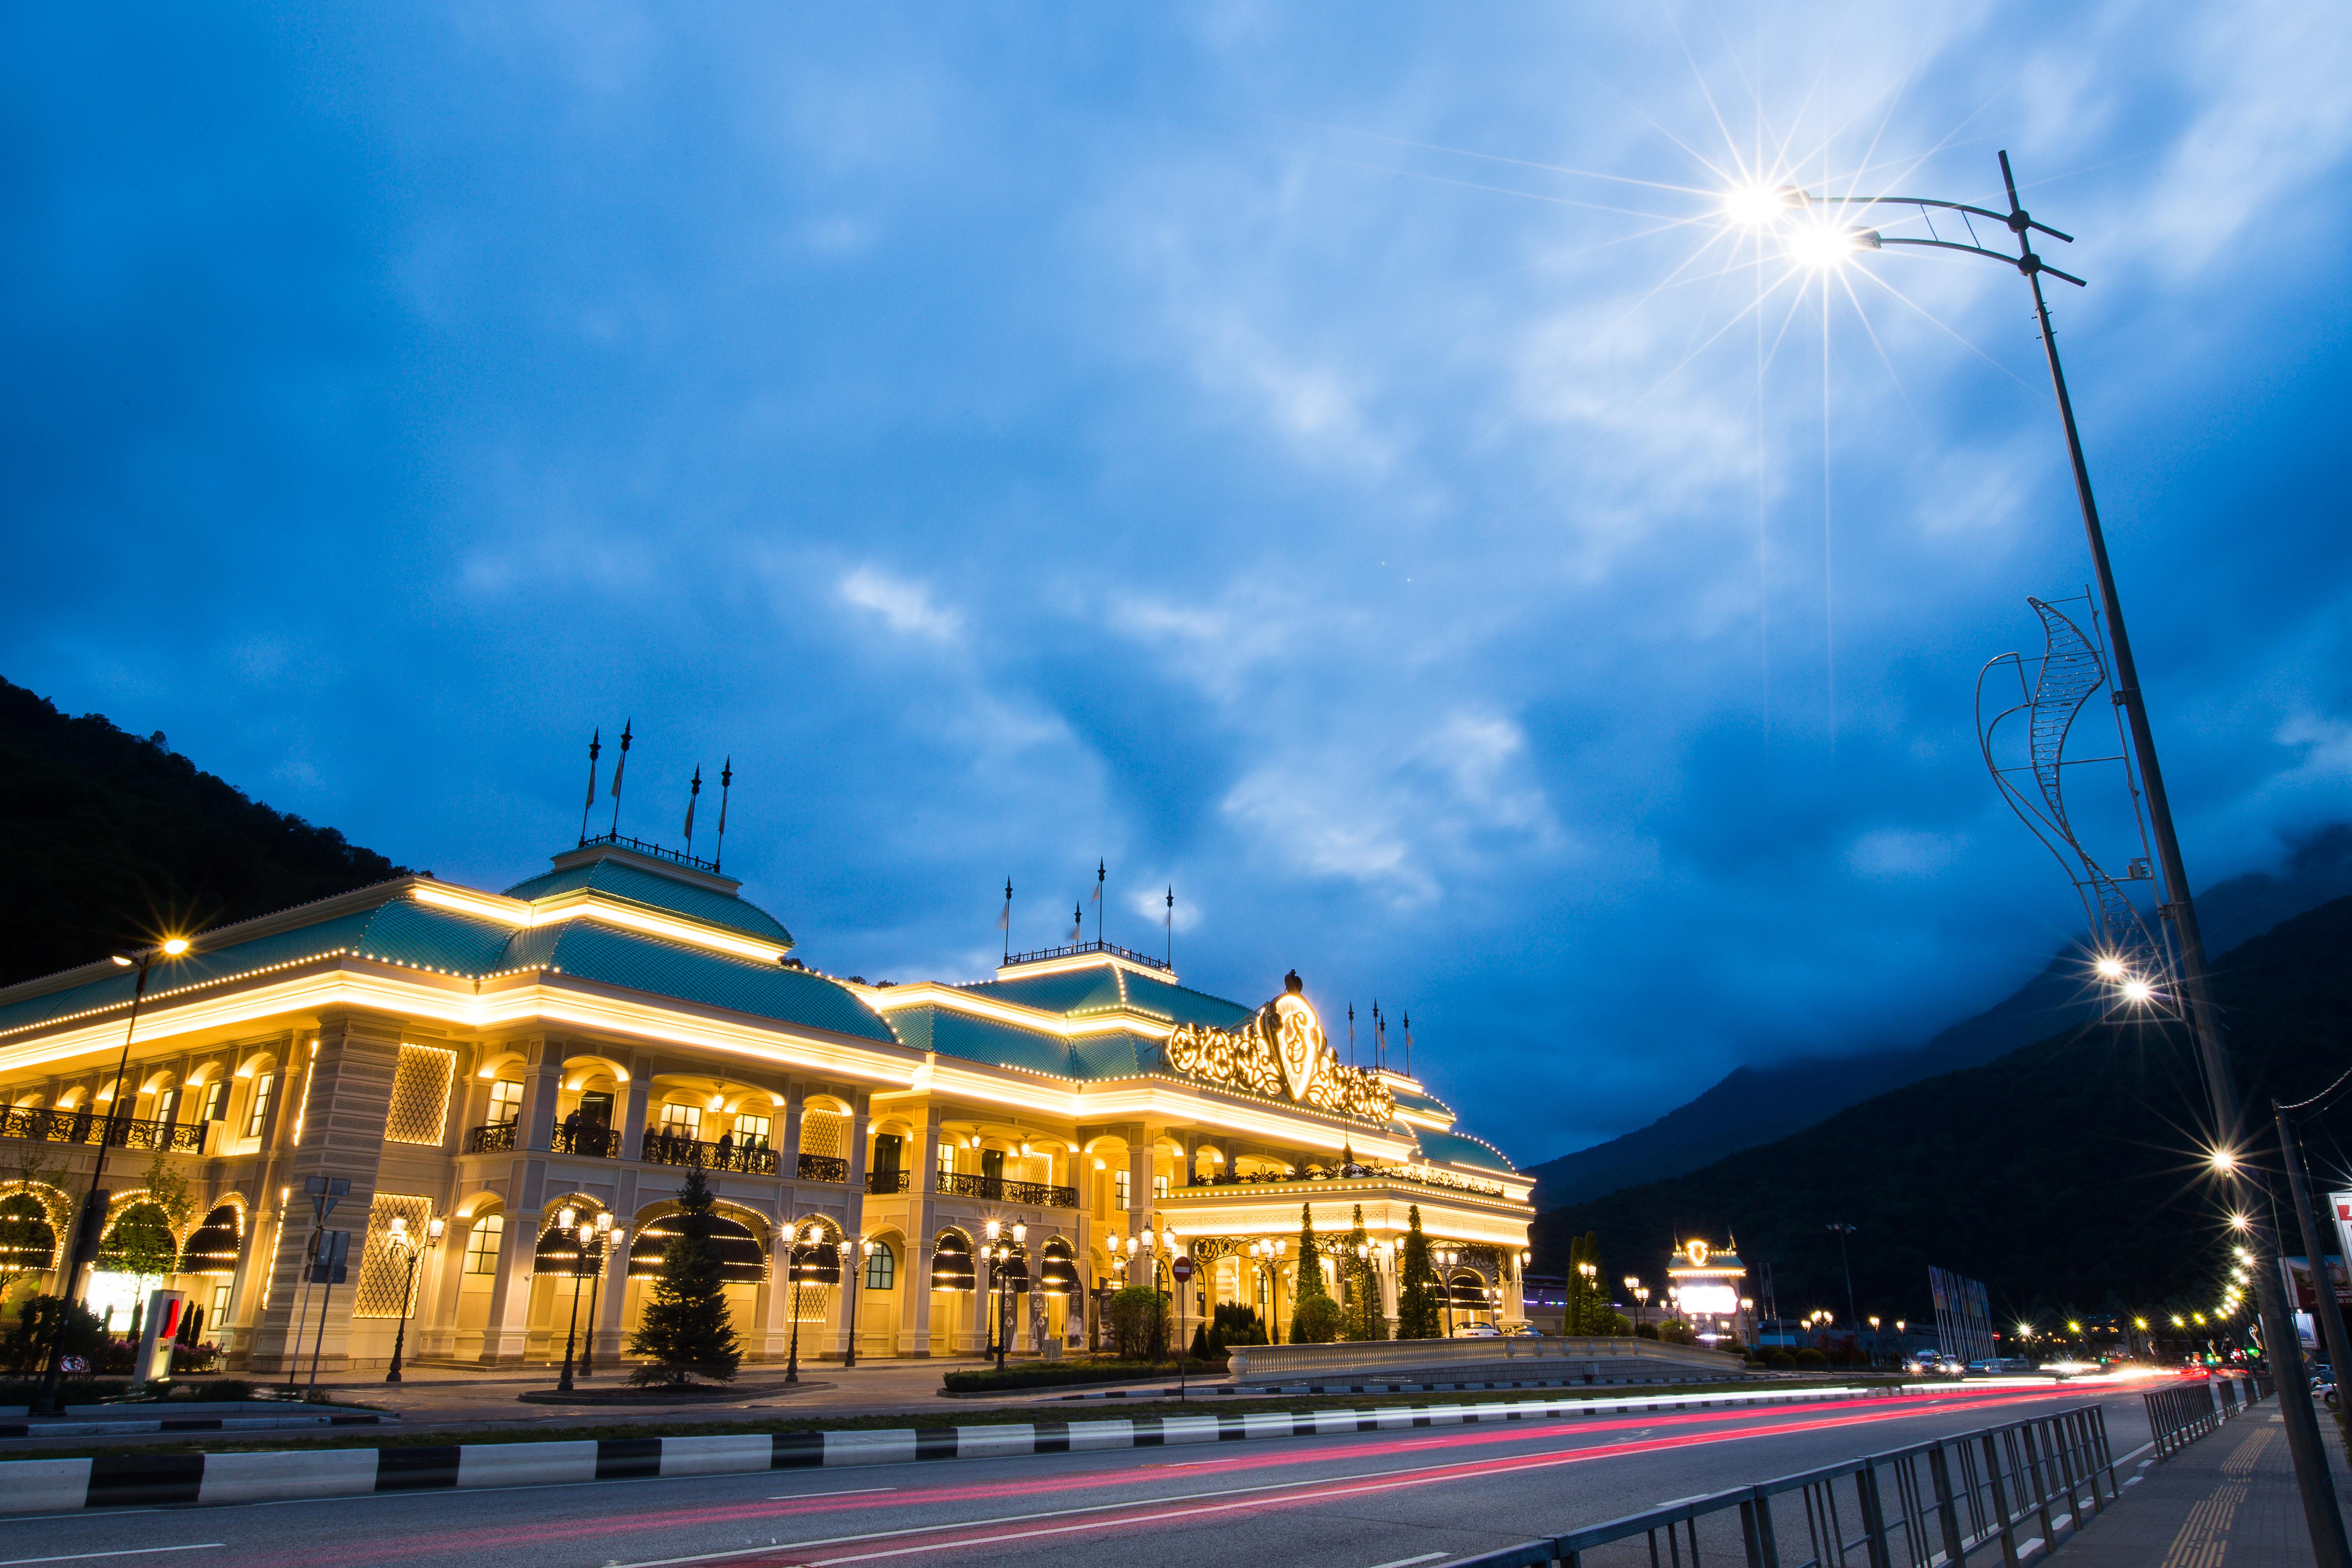 Sochi_Casino_and_Resort